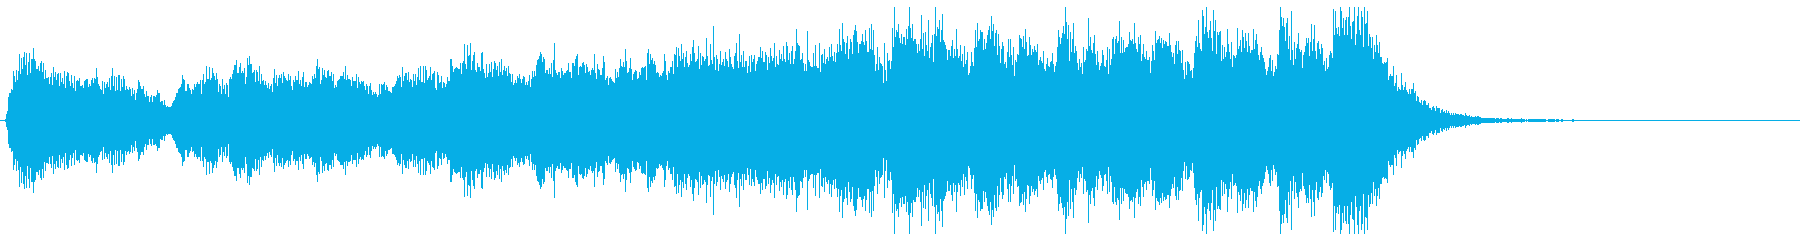 躍動的に盛り上がるフルオケジングル合唱抜の再生済みの波形